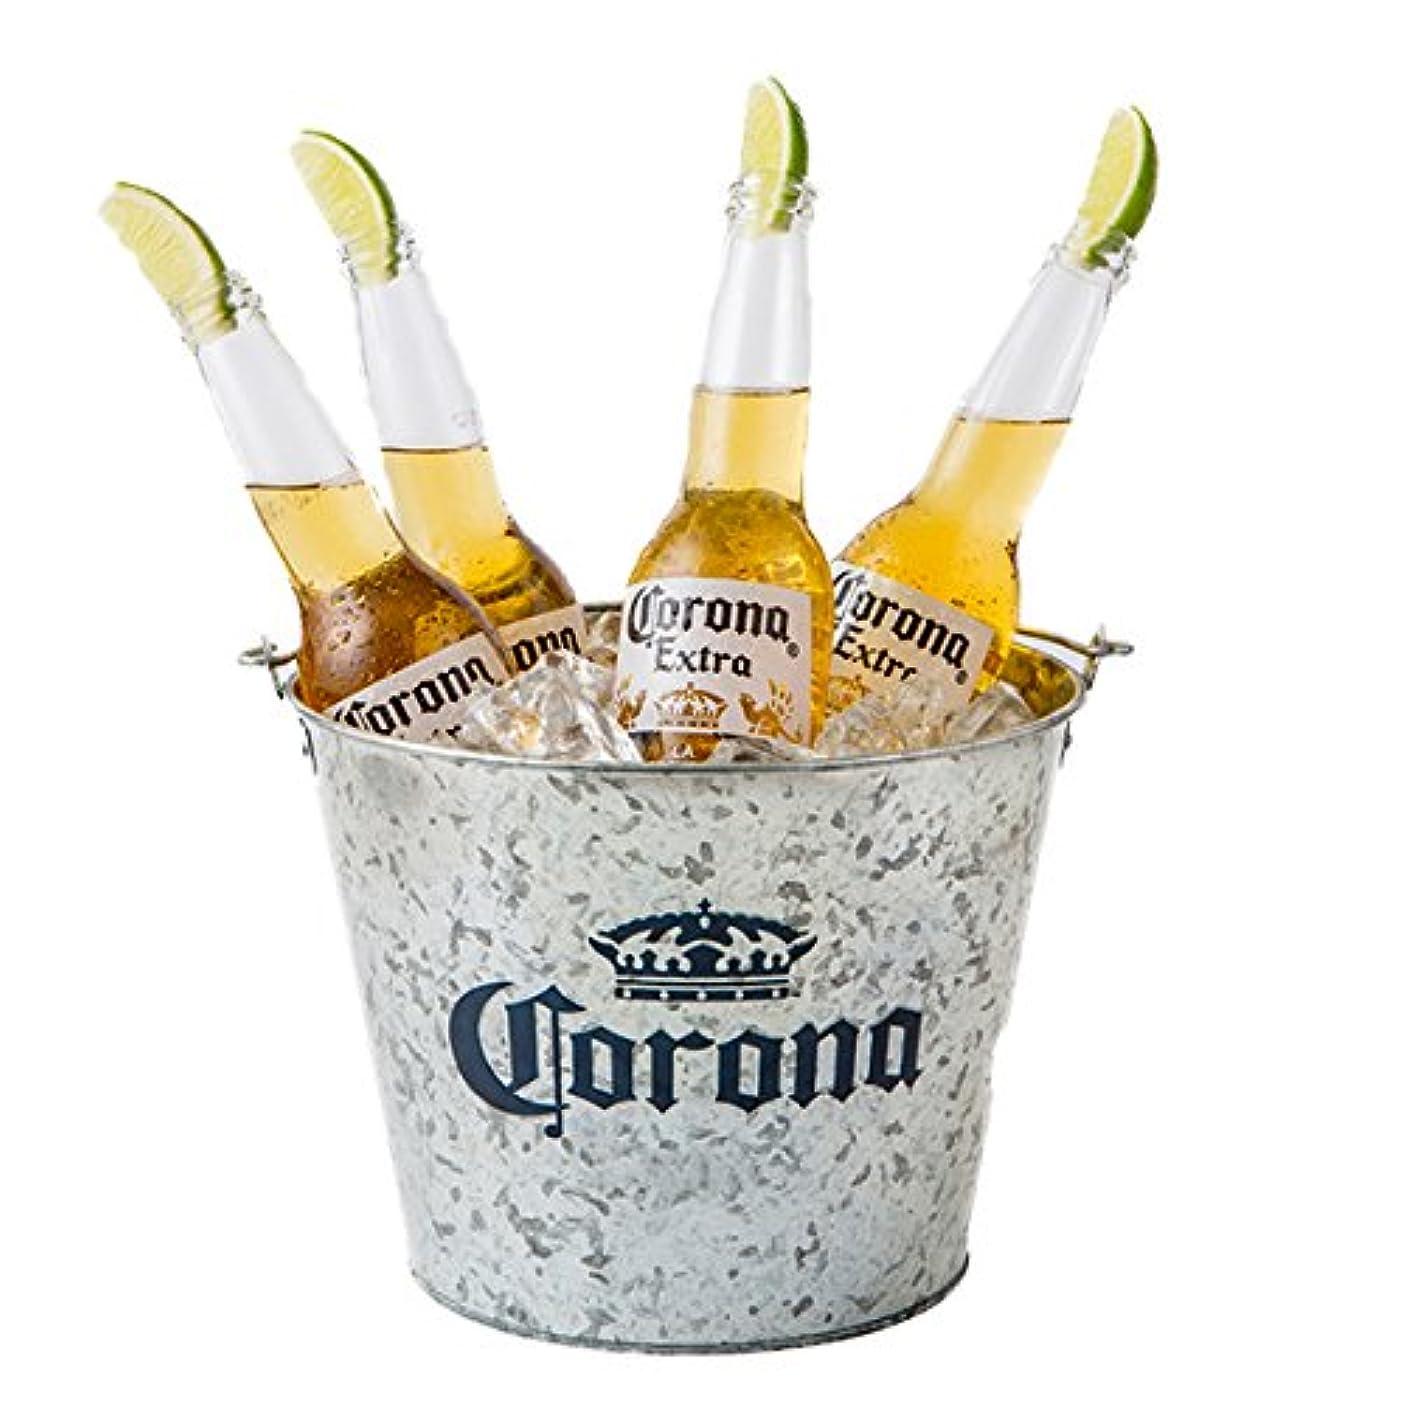 工場ボトル倫理的コロナ・エキストラ ボトル [ メキシコ 355ml×8本 バケツ付きセット ] [ギフトBox入り]